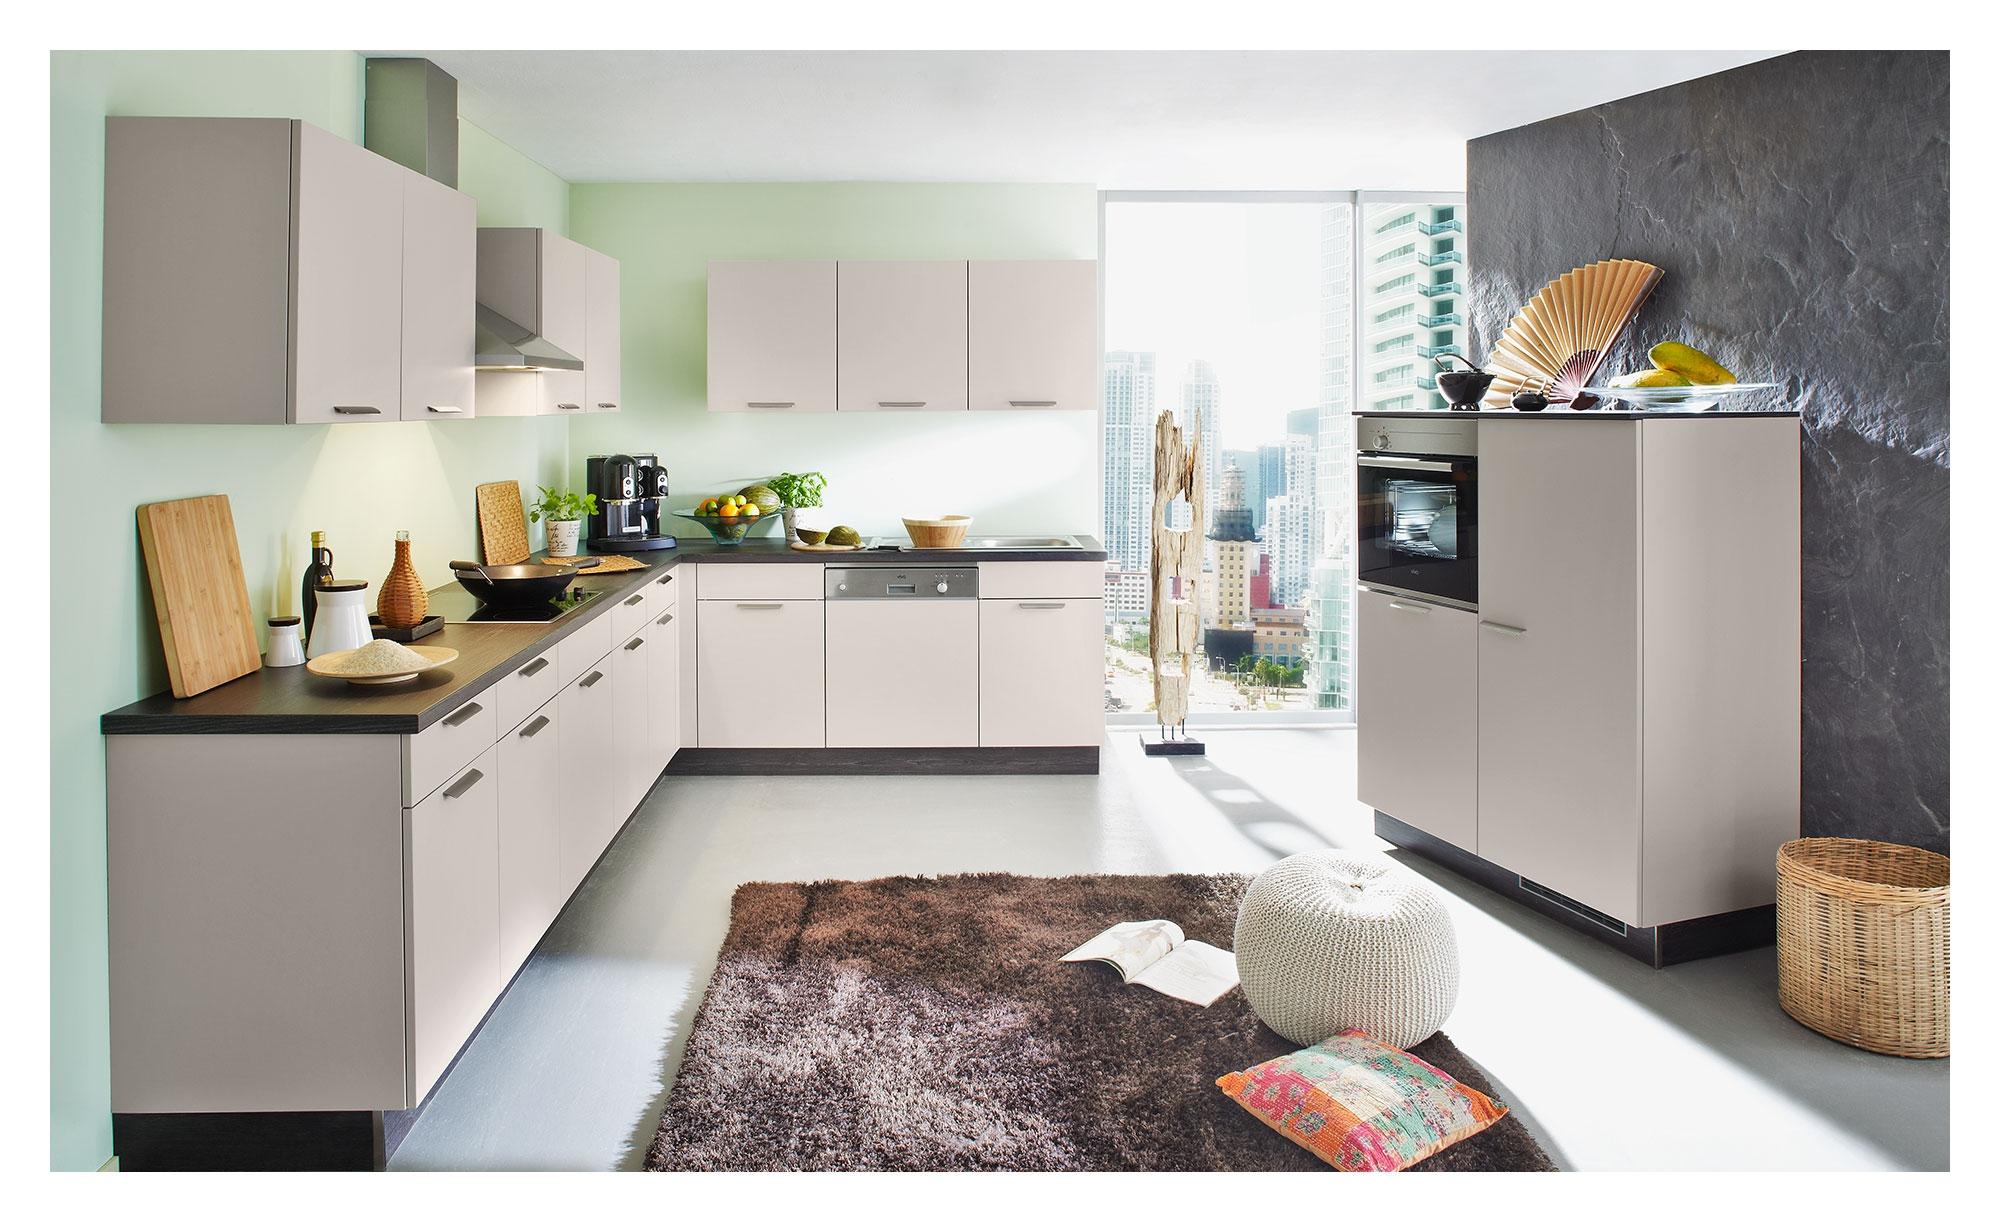 Nolte Wohnküche Manhattan uni – bei Möbel Heinrich kaufen!